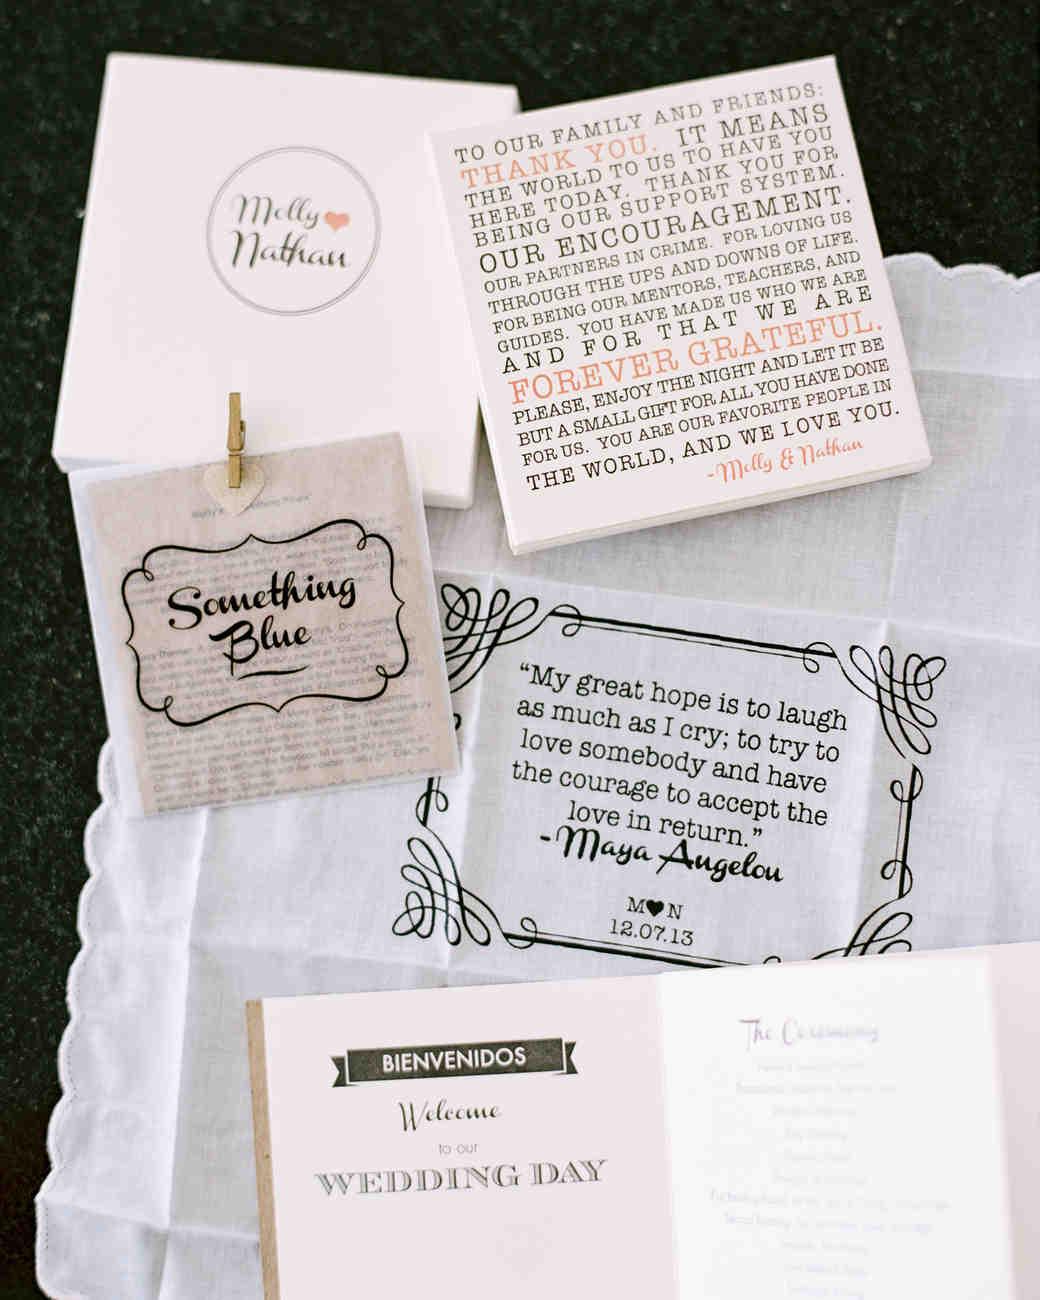 molly-nate-wedding-gift-003-s111479-0814.jpg